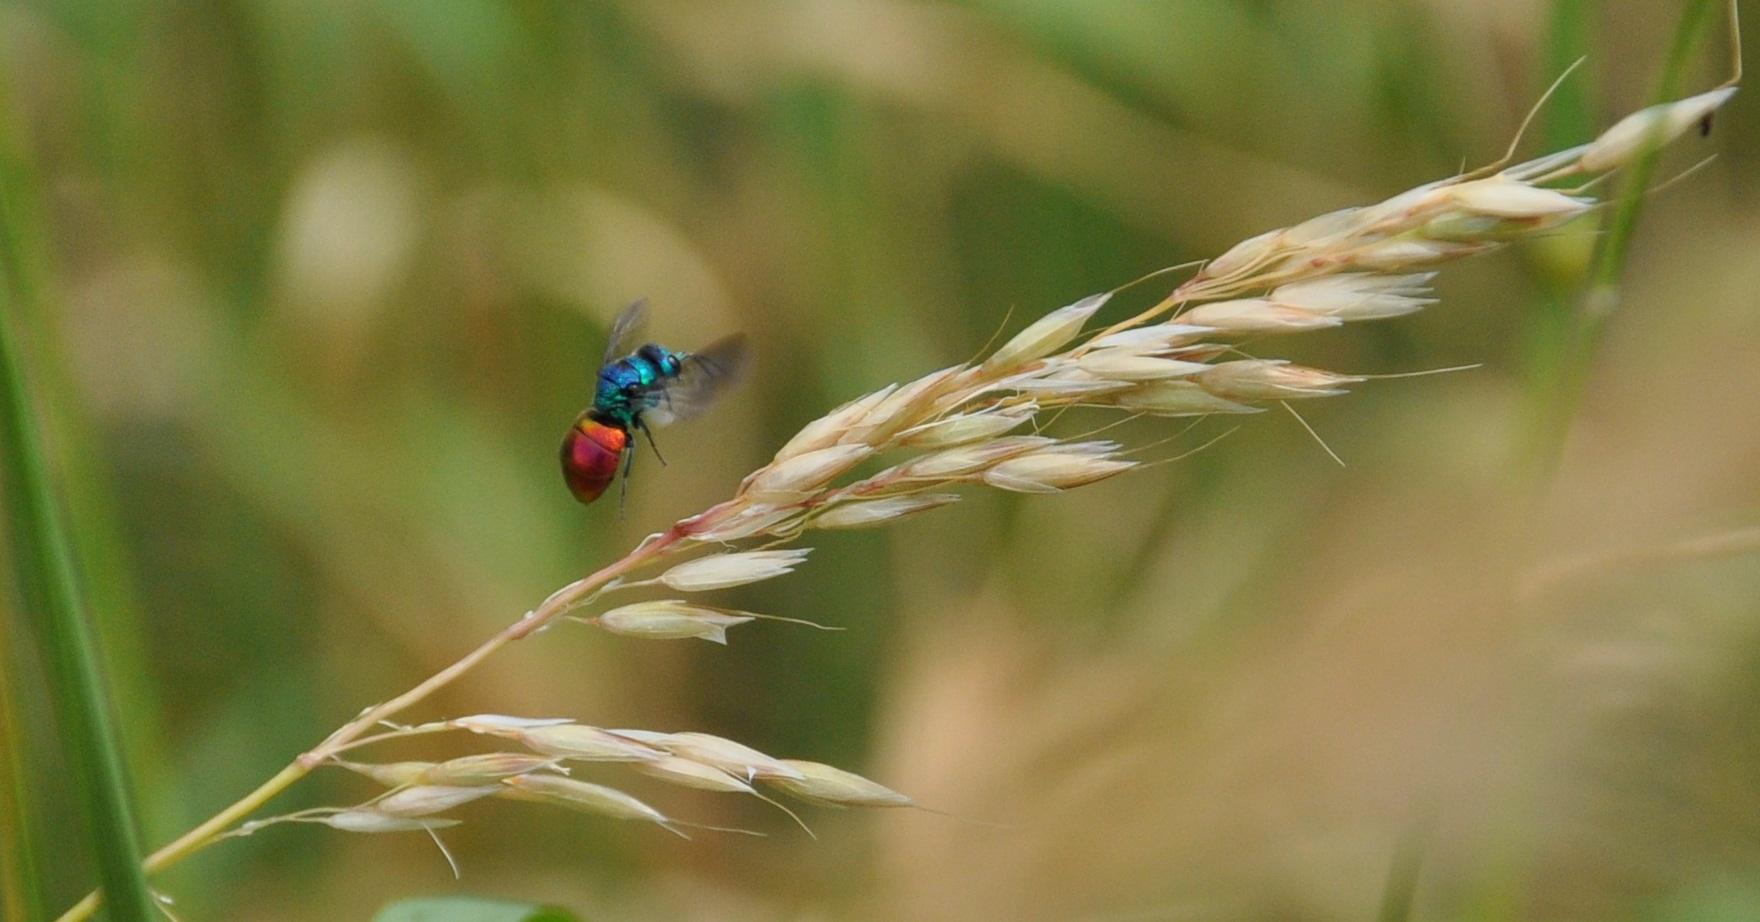 keine Ahnung was das für eine Fliege ist